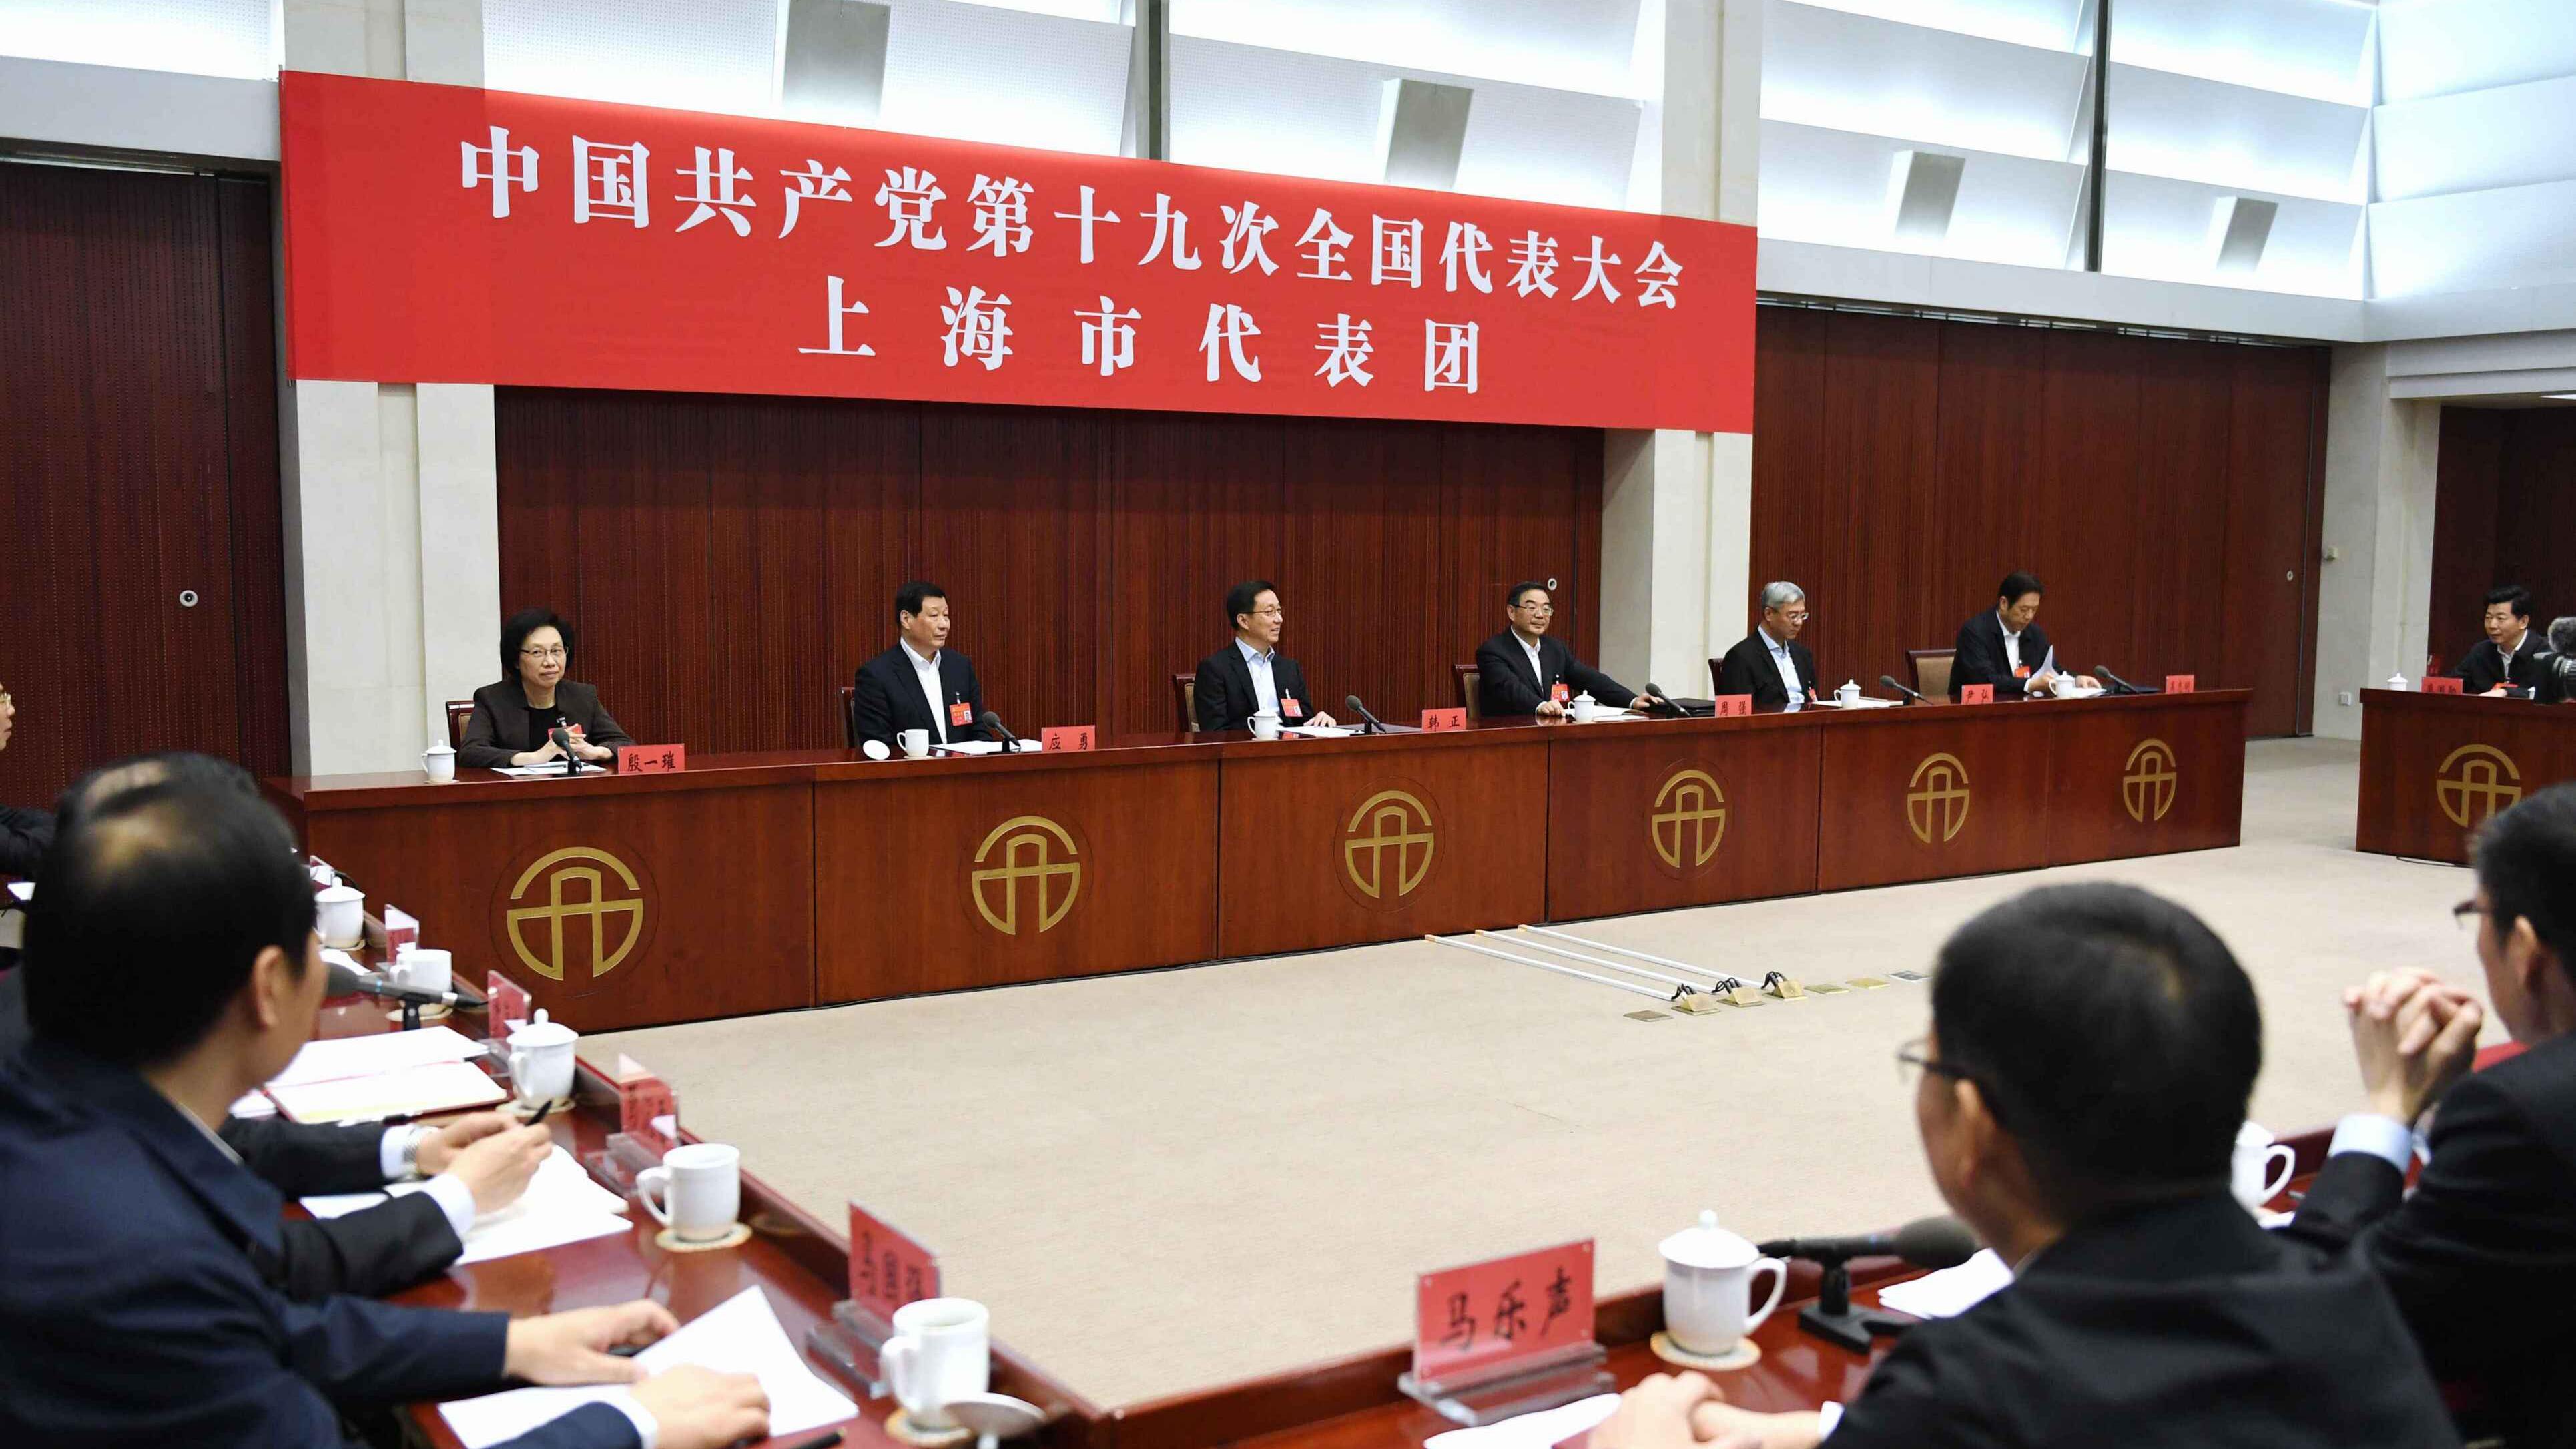 出席十九大的上海代表推选韩正同志为上海市代表团团长